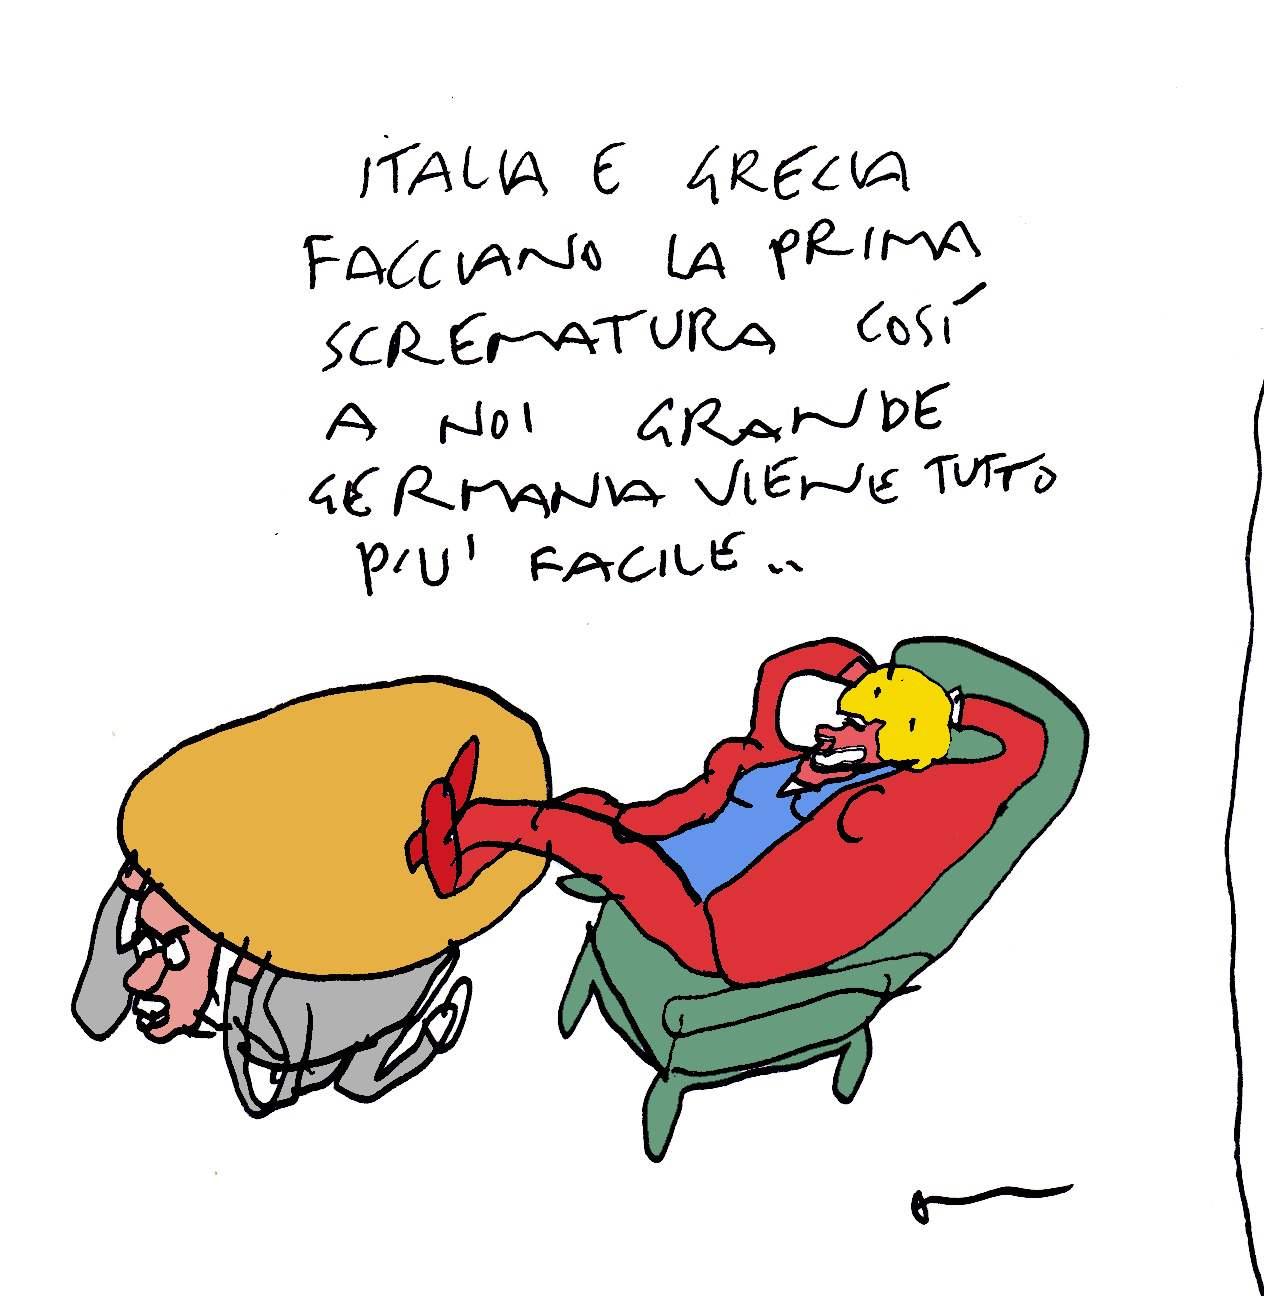 grecia italia così più facikl